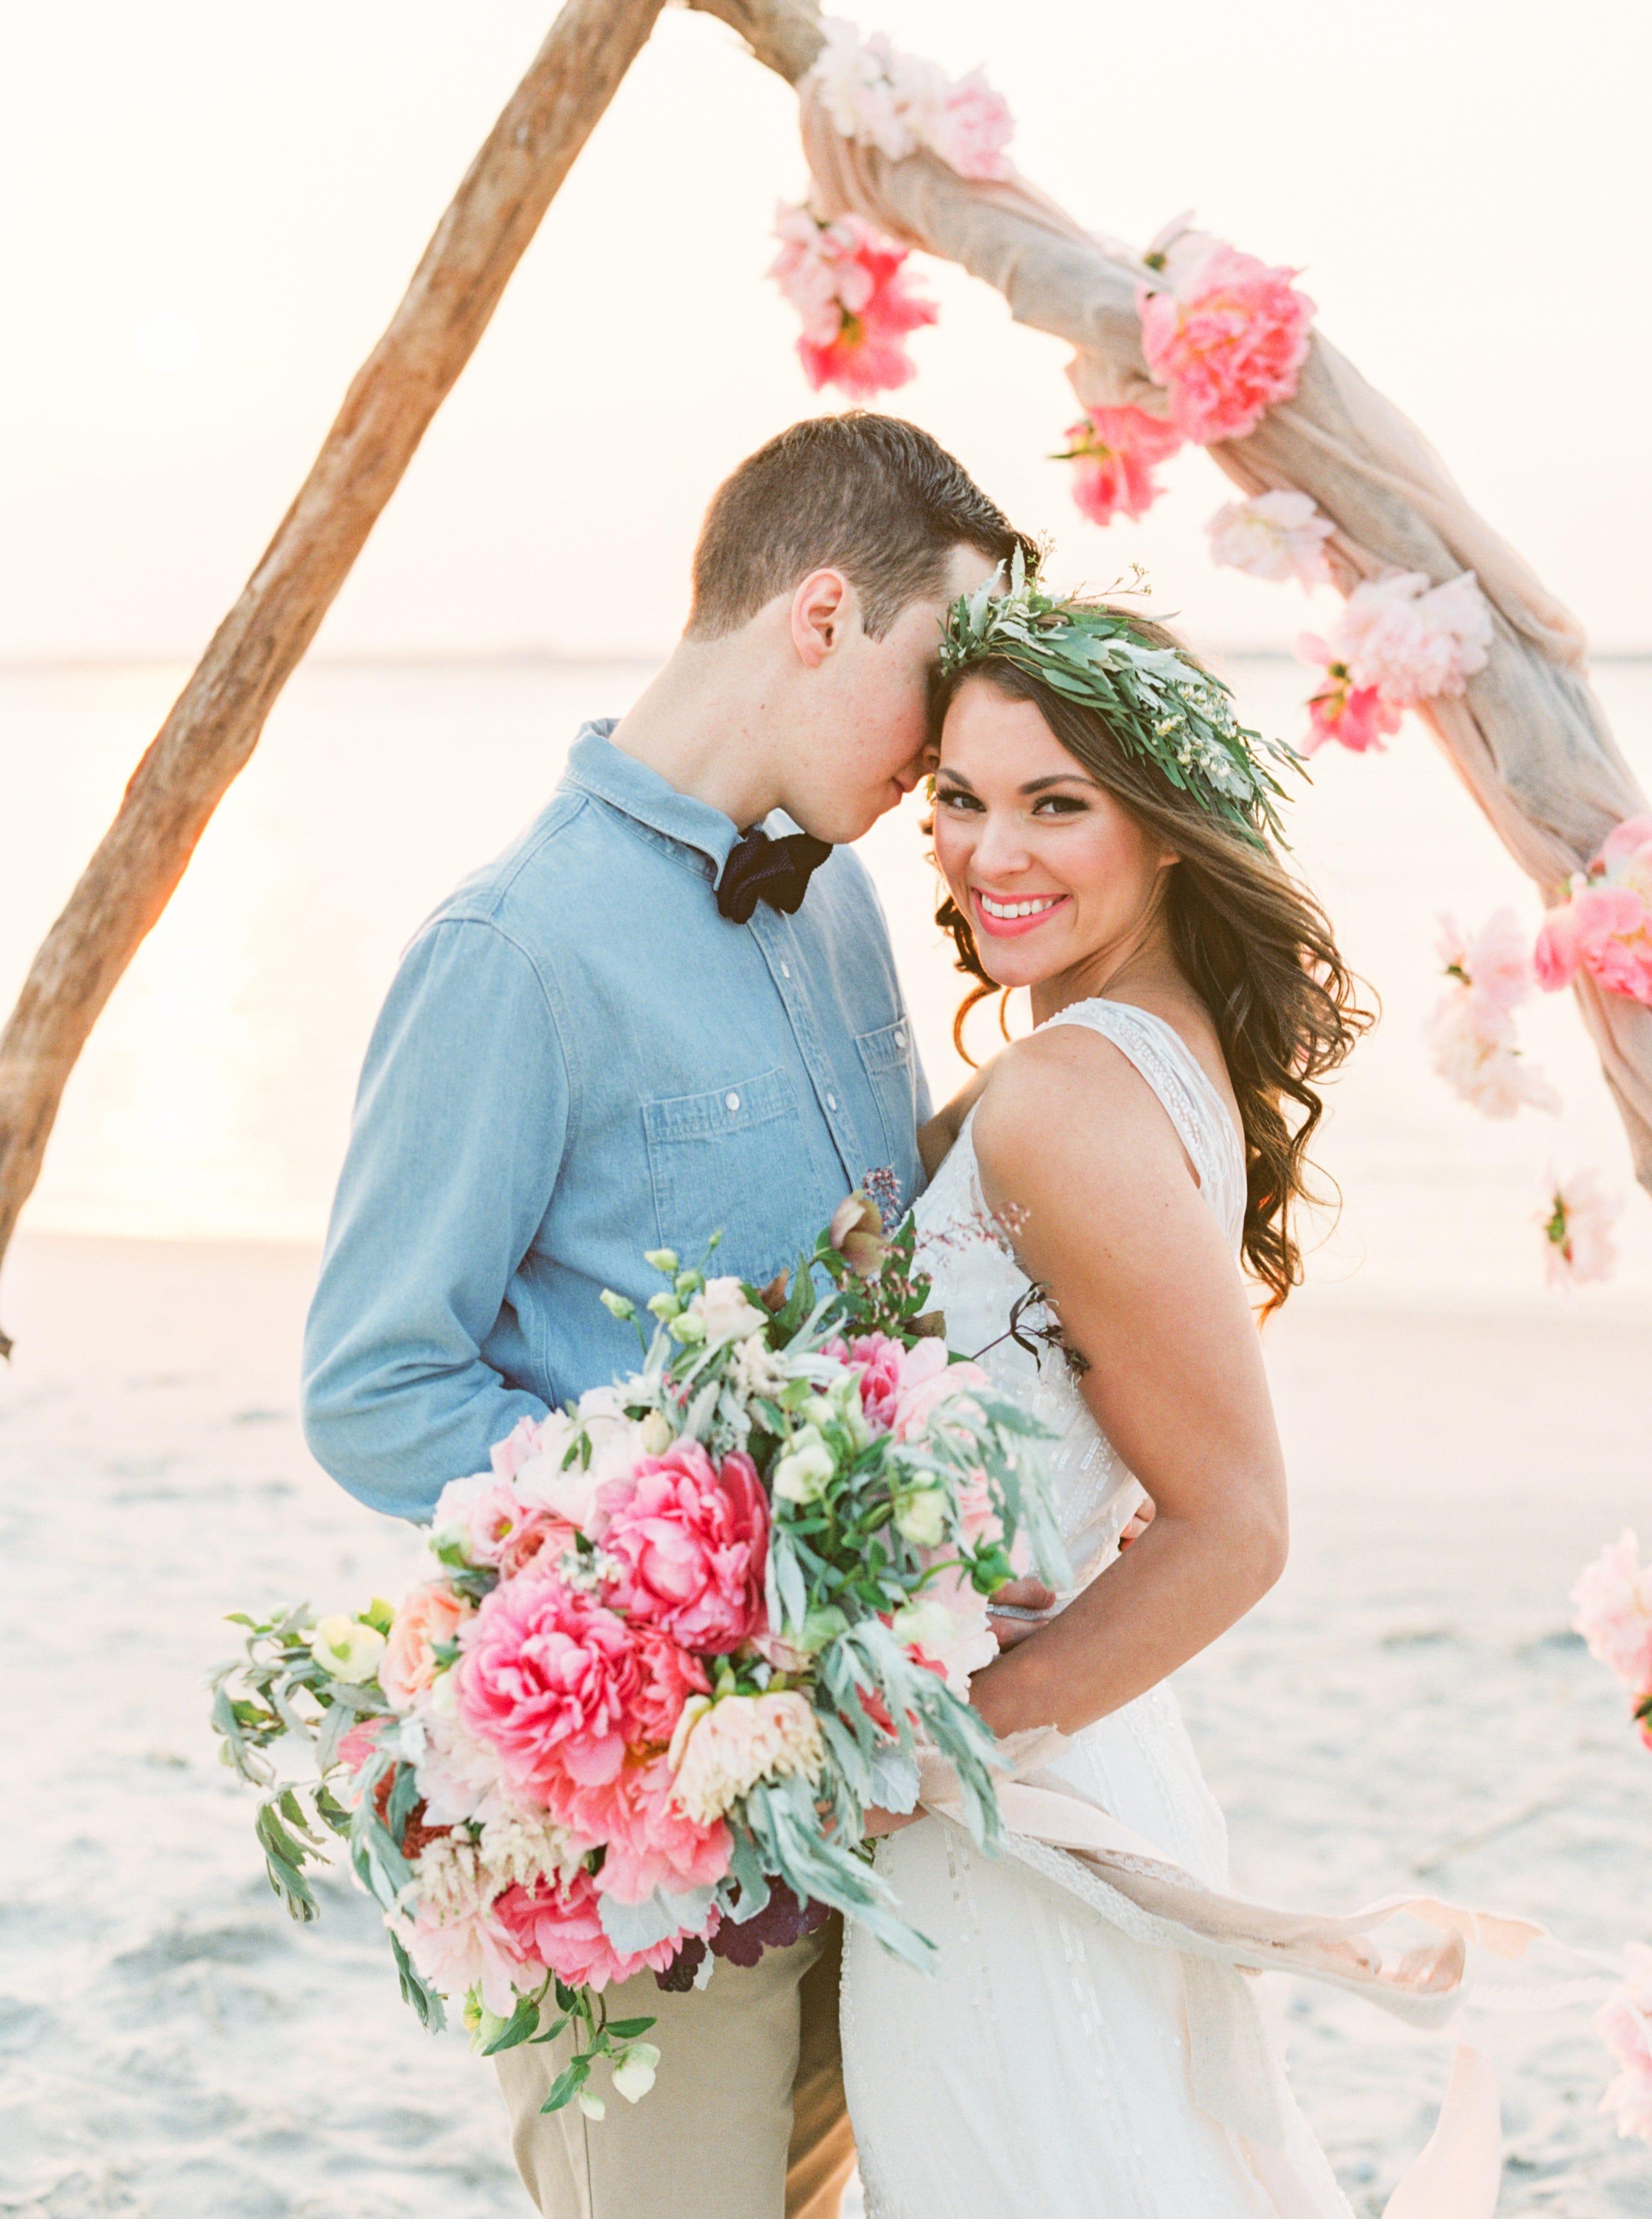 Beach Wedding Pictures - Pretty Beachside Ceremonies